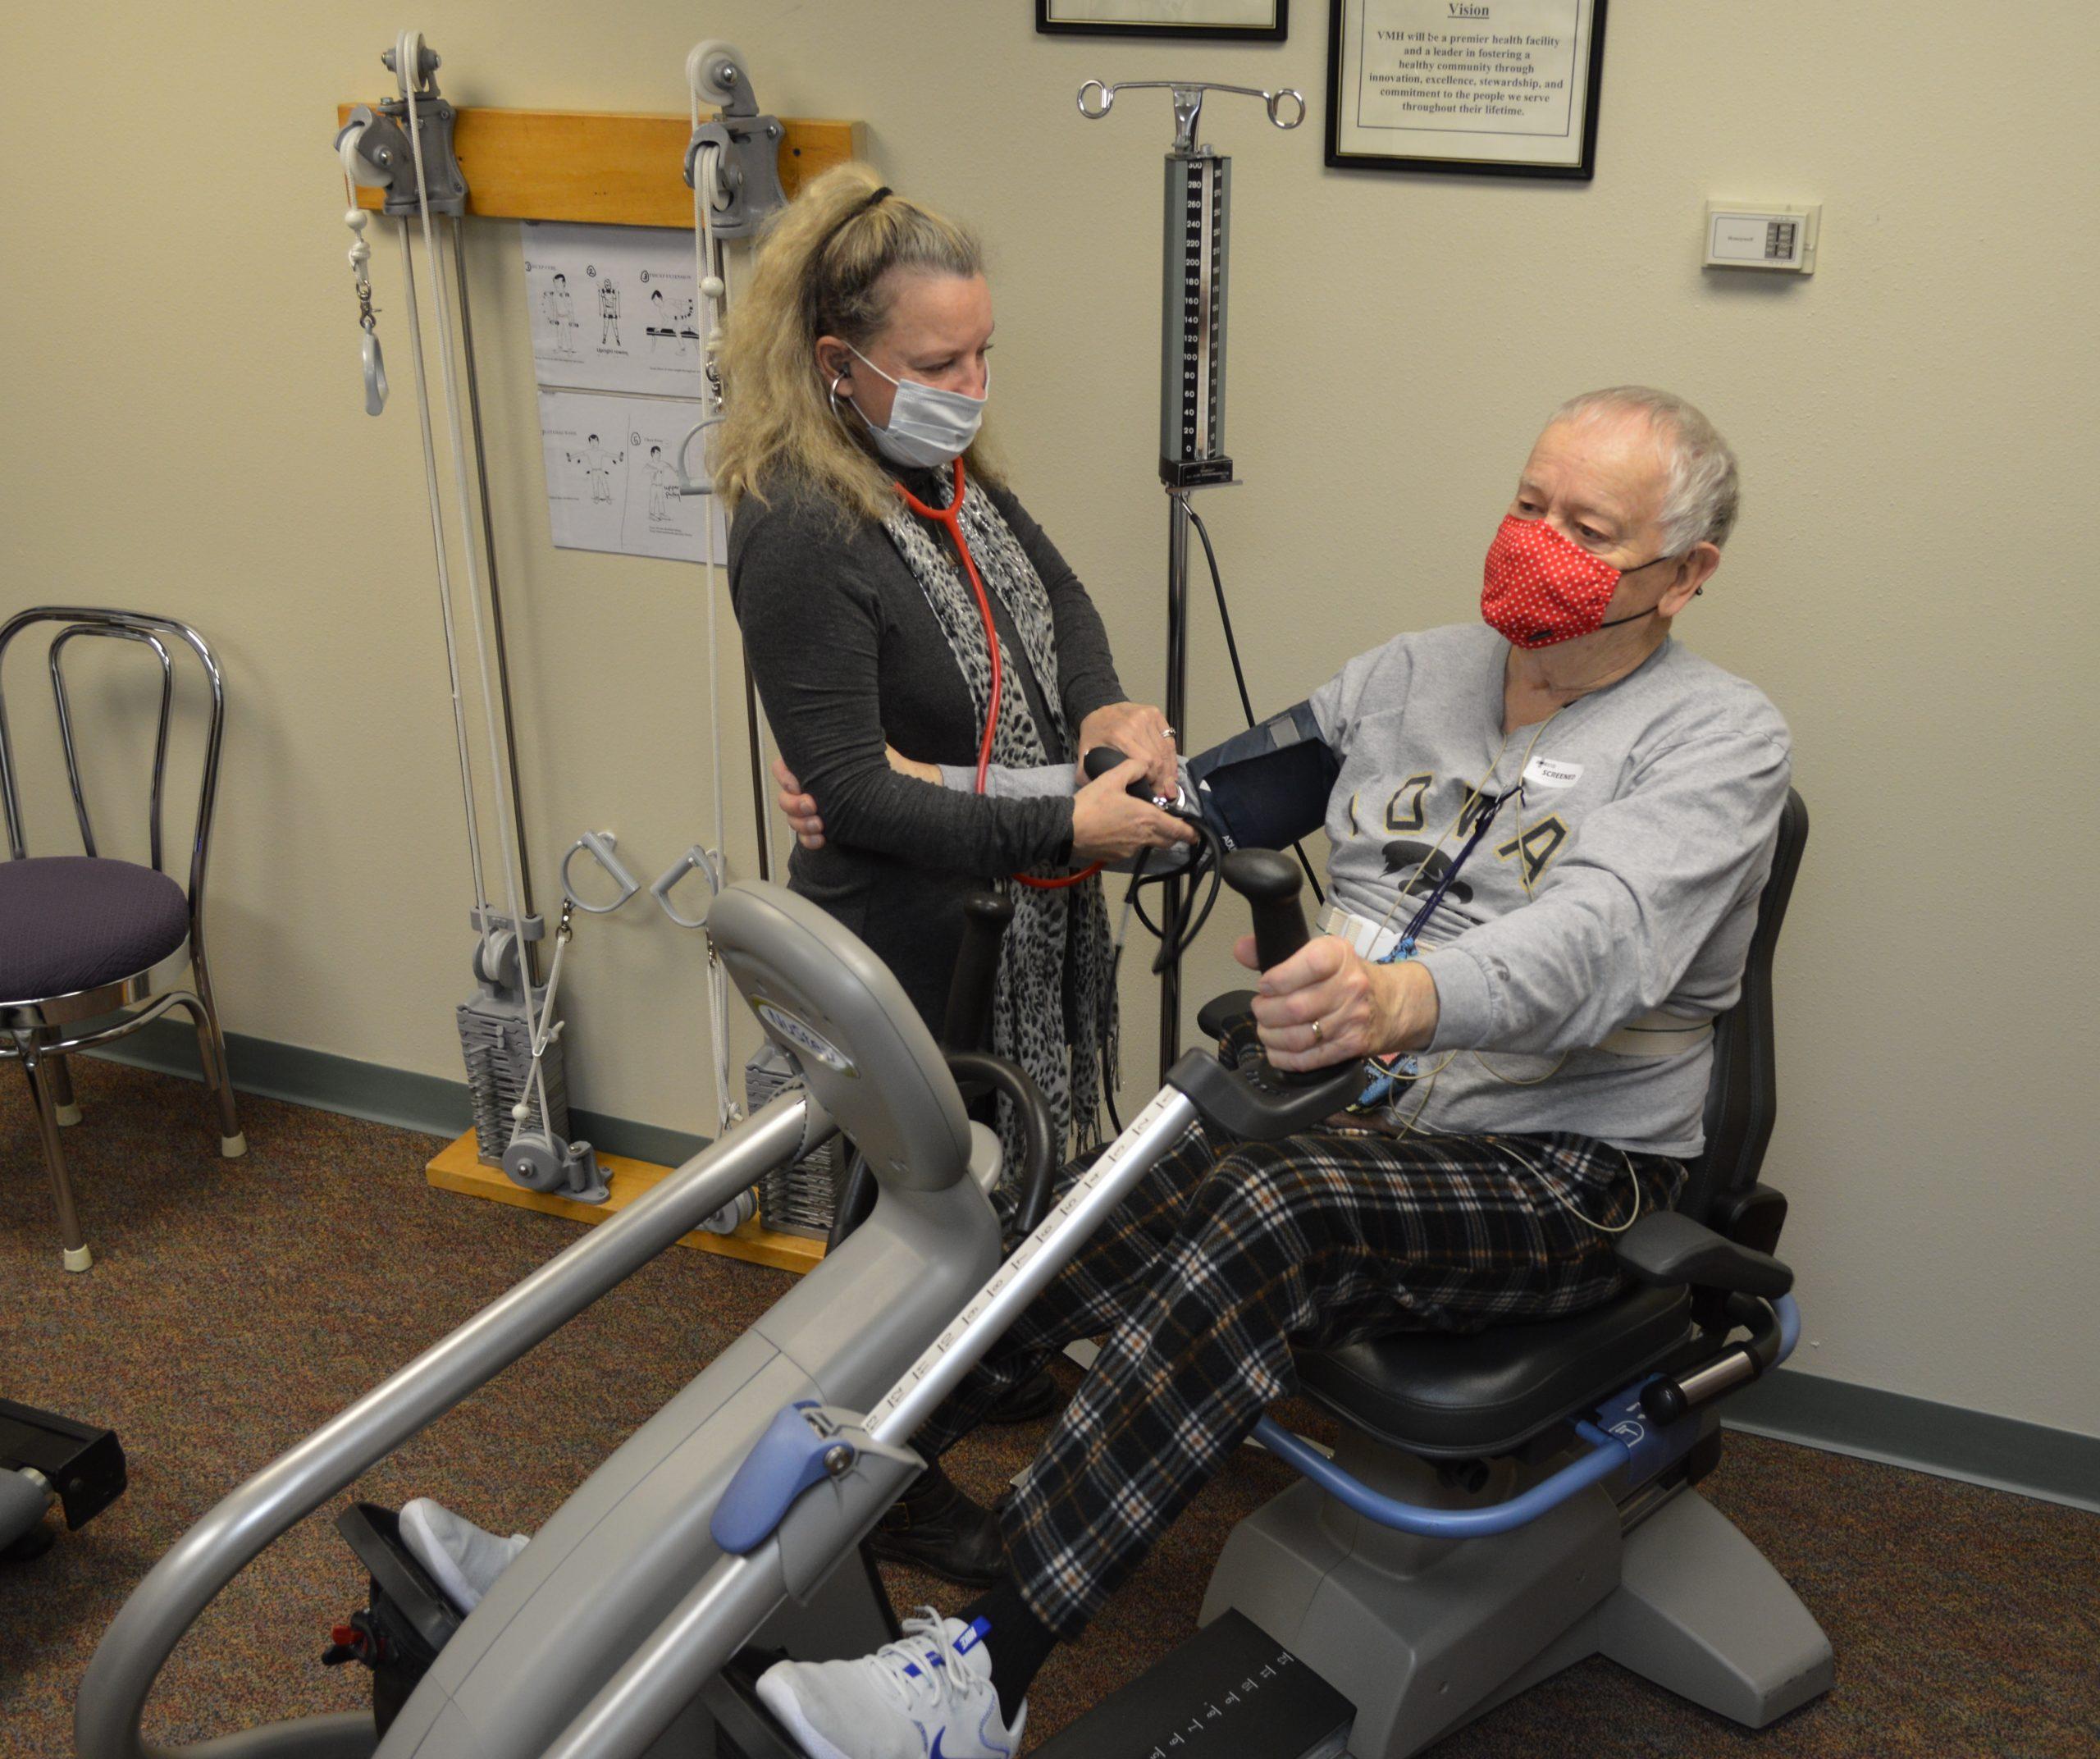 February 14-20 is National Cardiac Rehab Week